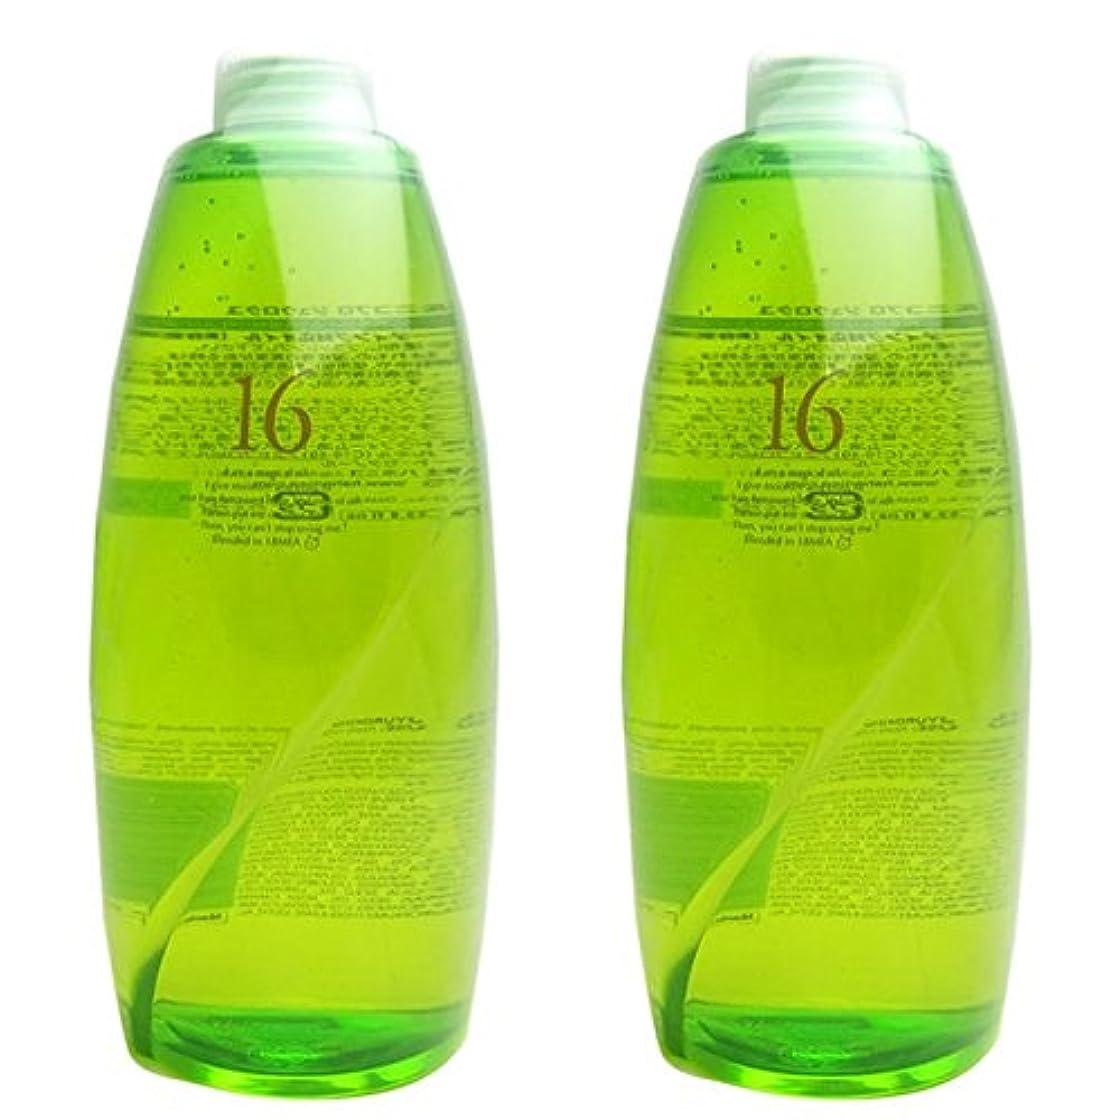 推測商品ソーセージ【X2個セット】 ハホニコ 十六油 (洗い流さないトリートメント) 1000ml 詰替え用 hahonico